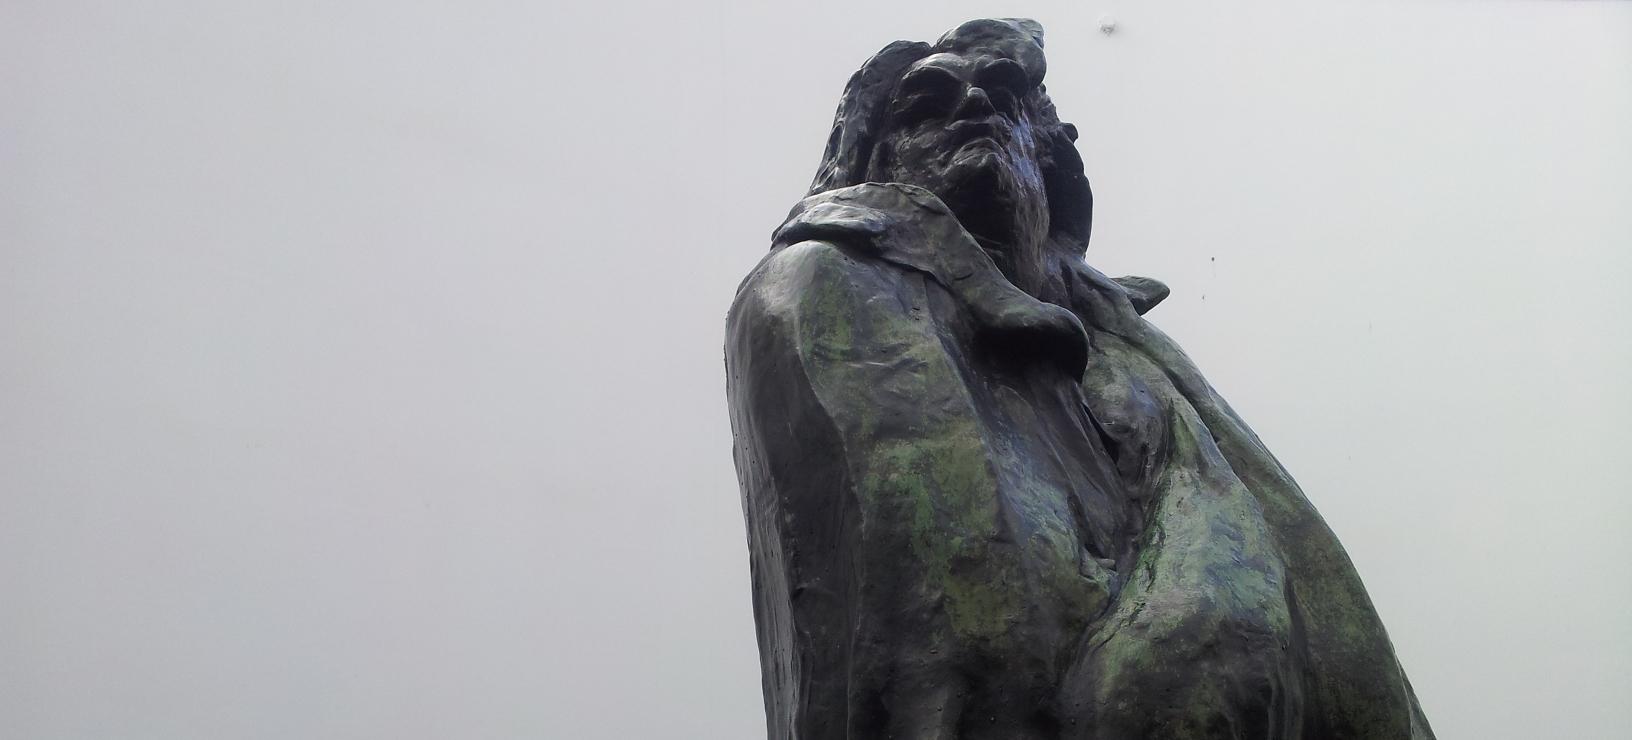 Bovenkant van het beeld van Balzac, een bronzen beeld van een man met halflang haar en een baard en een dikke jas met grote revers aan